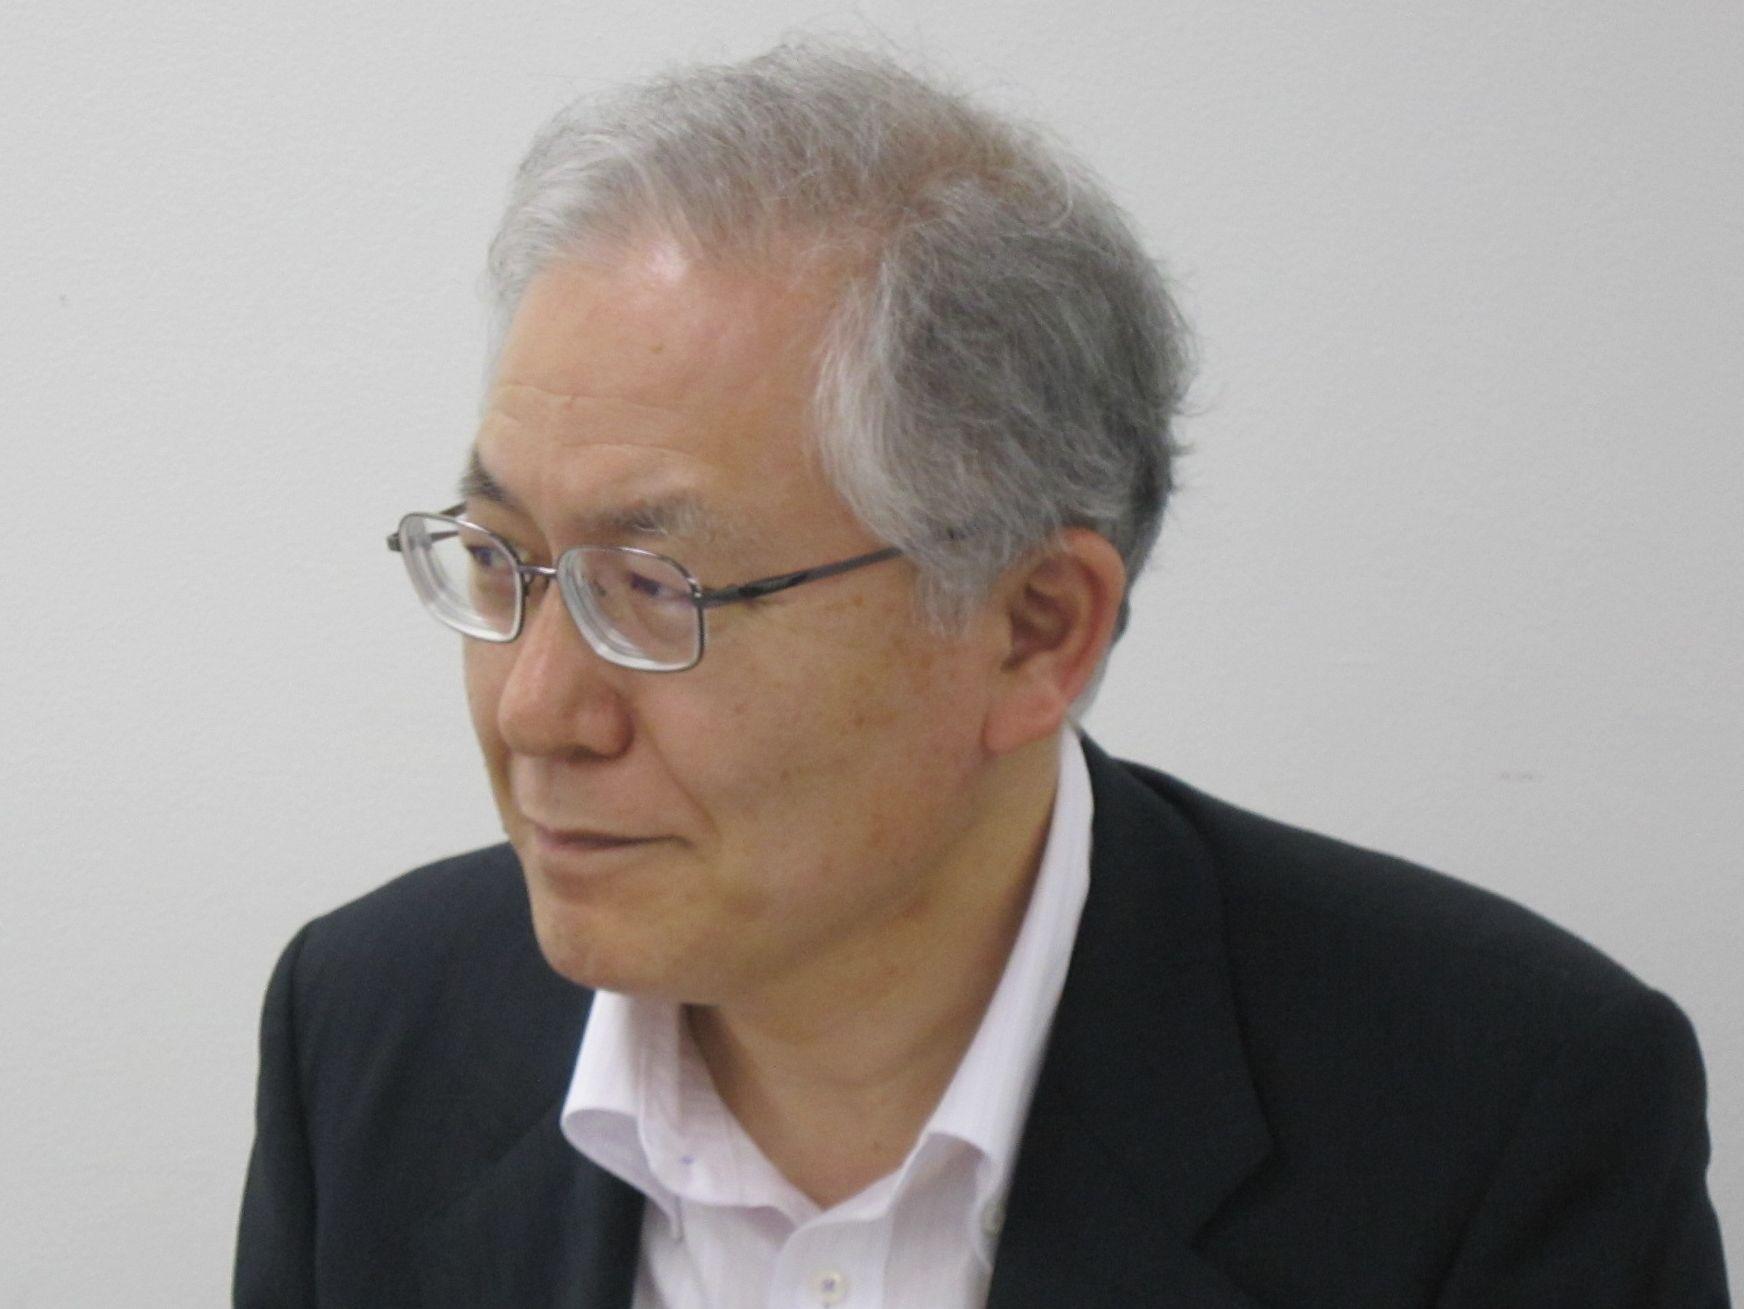 外保連の川瀬弘一・手術委員長(聖マリアンナ医科大学小児外科教授)